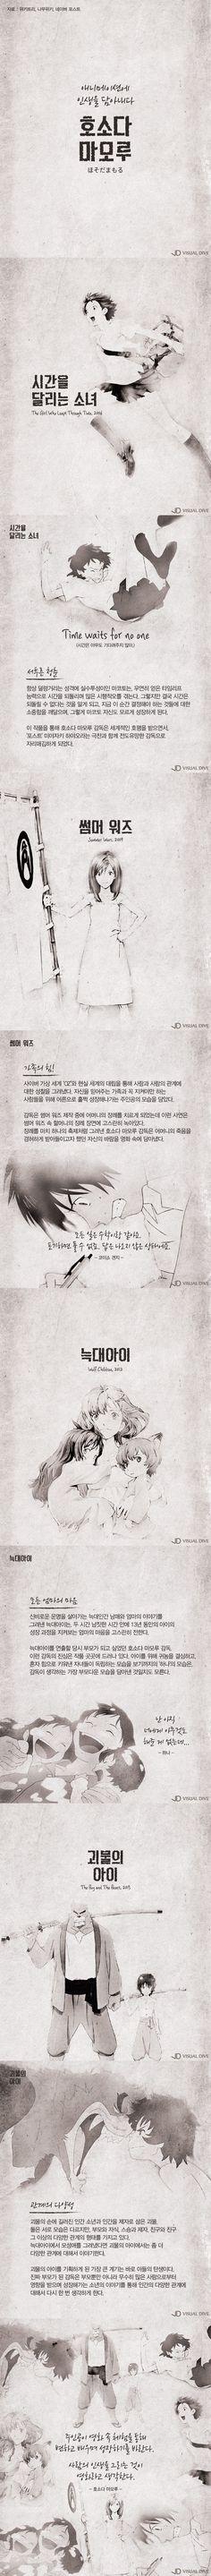 '괴물의 아이' 호소다 마모루, 애니메이션에 담은 인생 [카드뉴스] #Animation / #Cardnews ⓒ 비주얼다이브 무단 복사·전재·재배포 금지